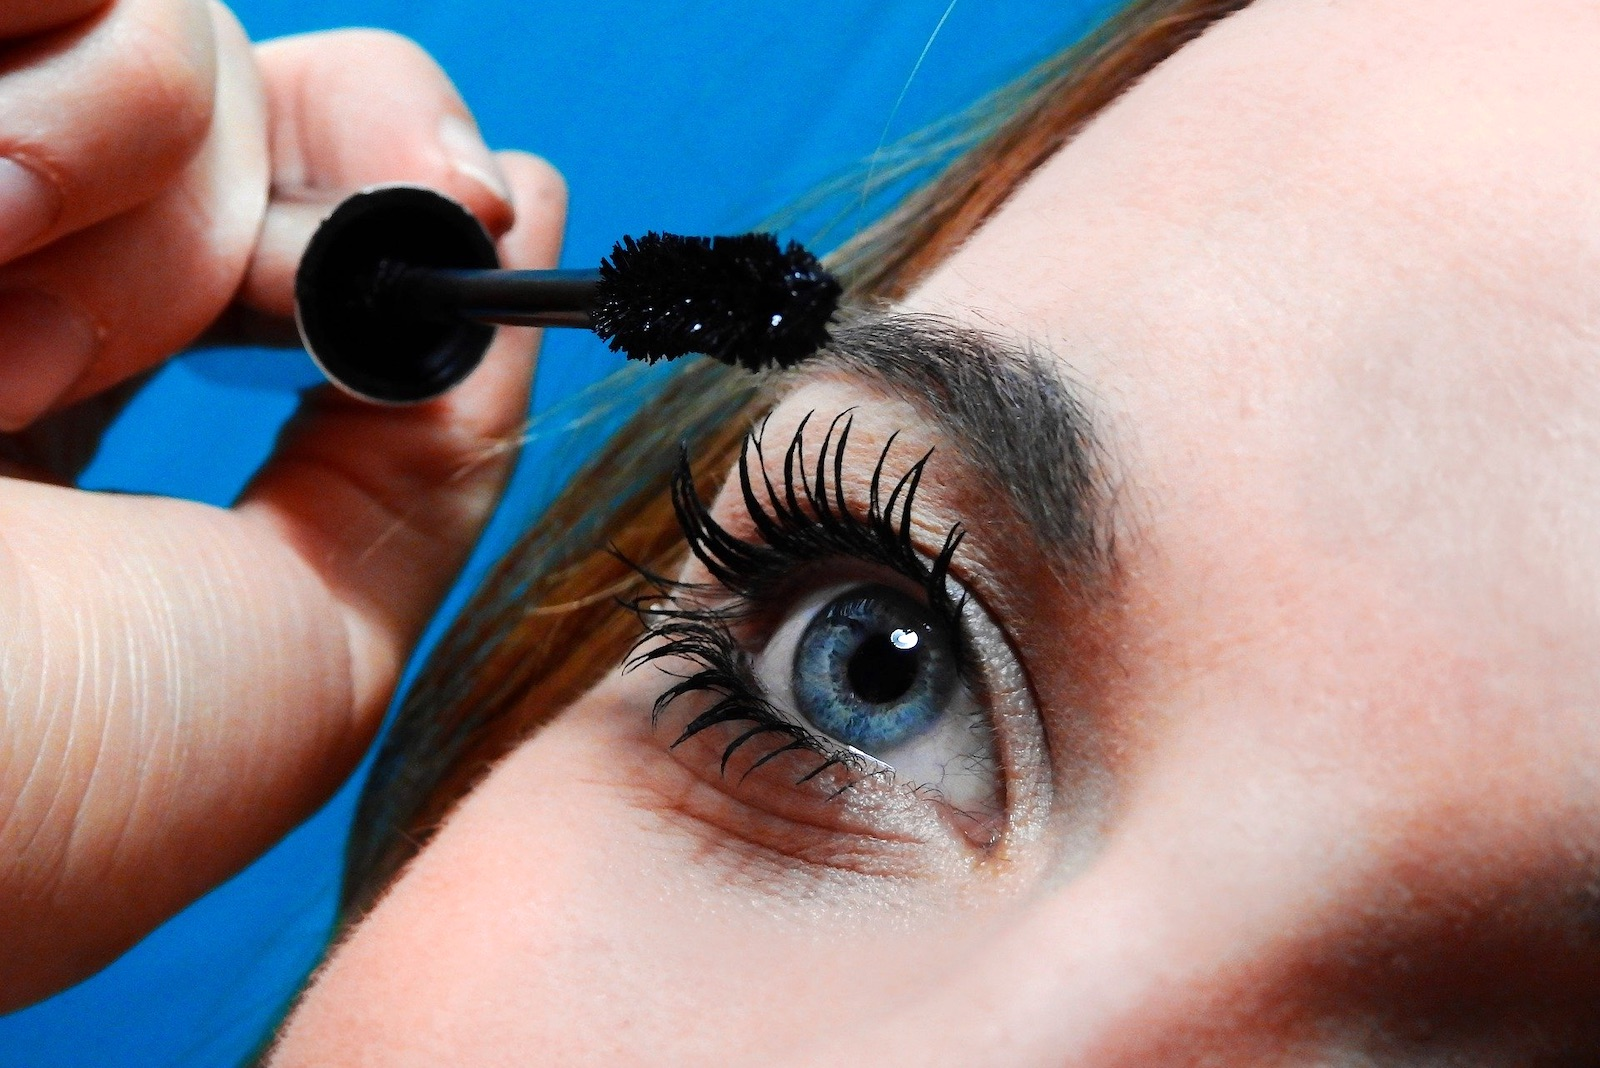 masă de testare a ochilor amuzantă scăderea vederii la ochiul stâng